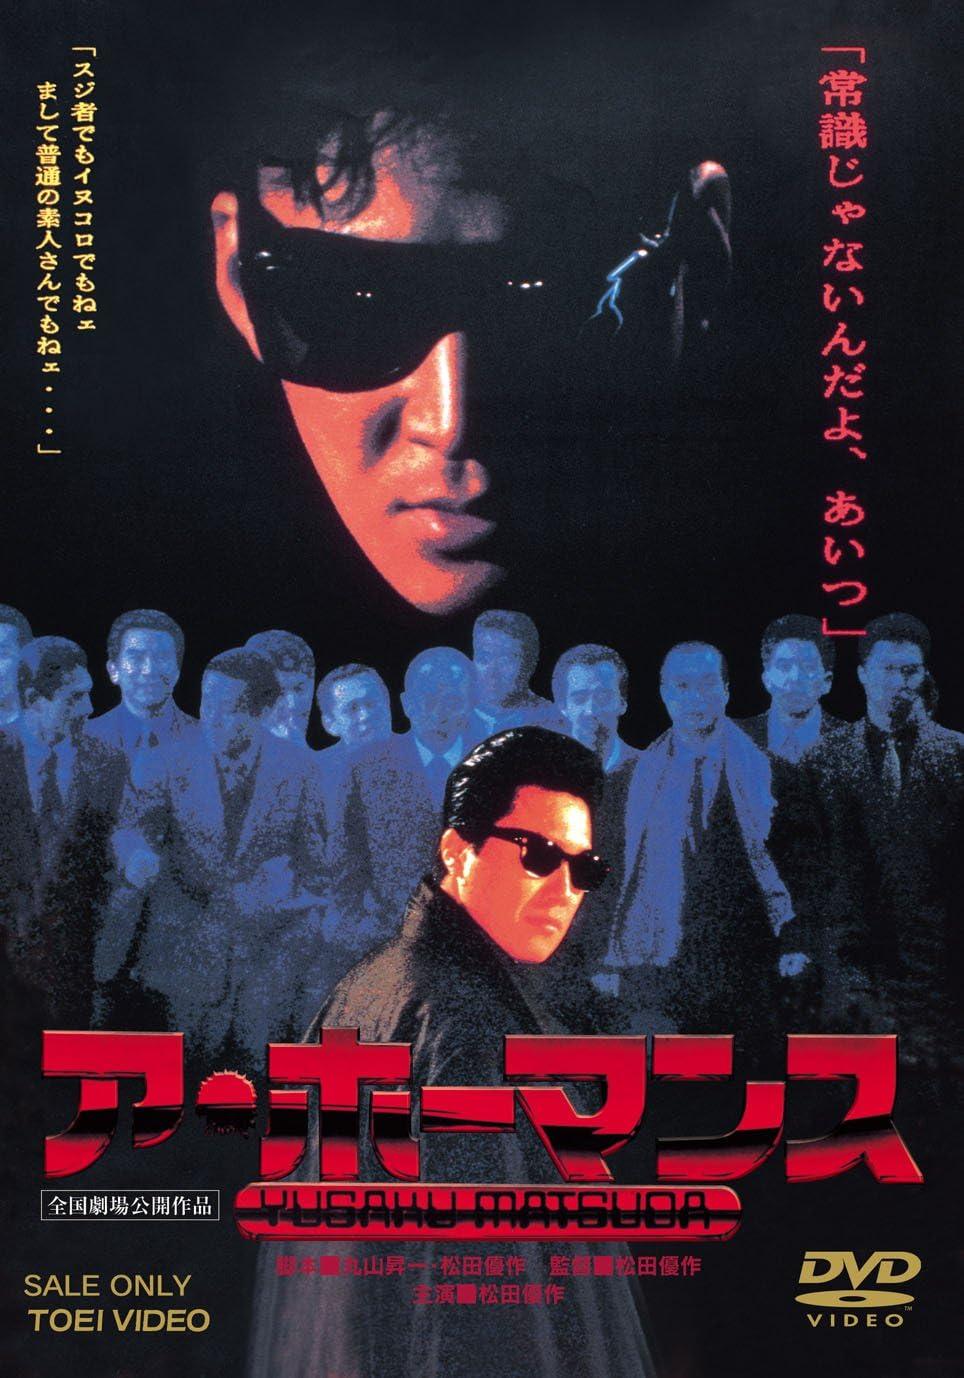 ア・ホーマンス(1986年)